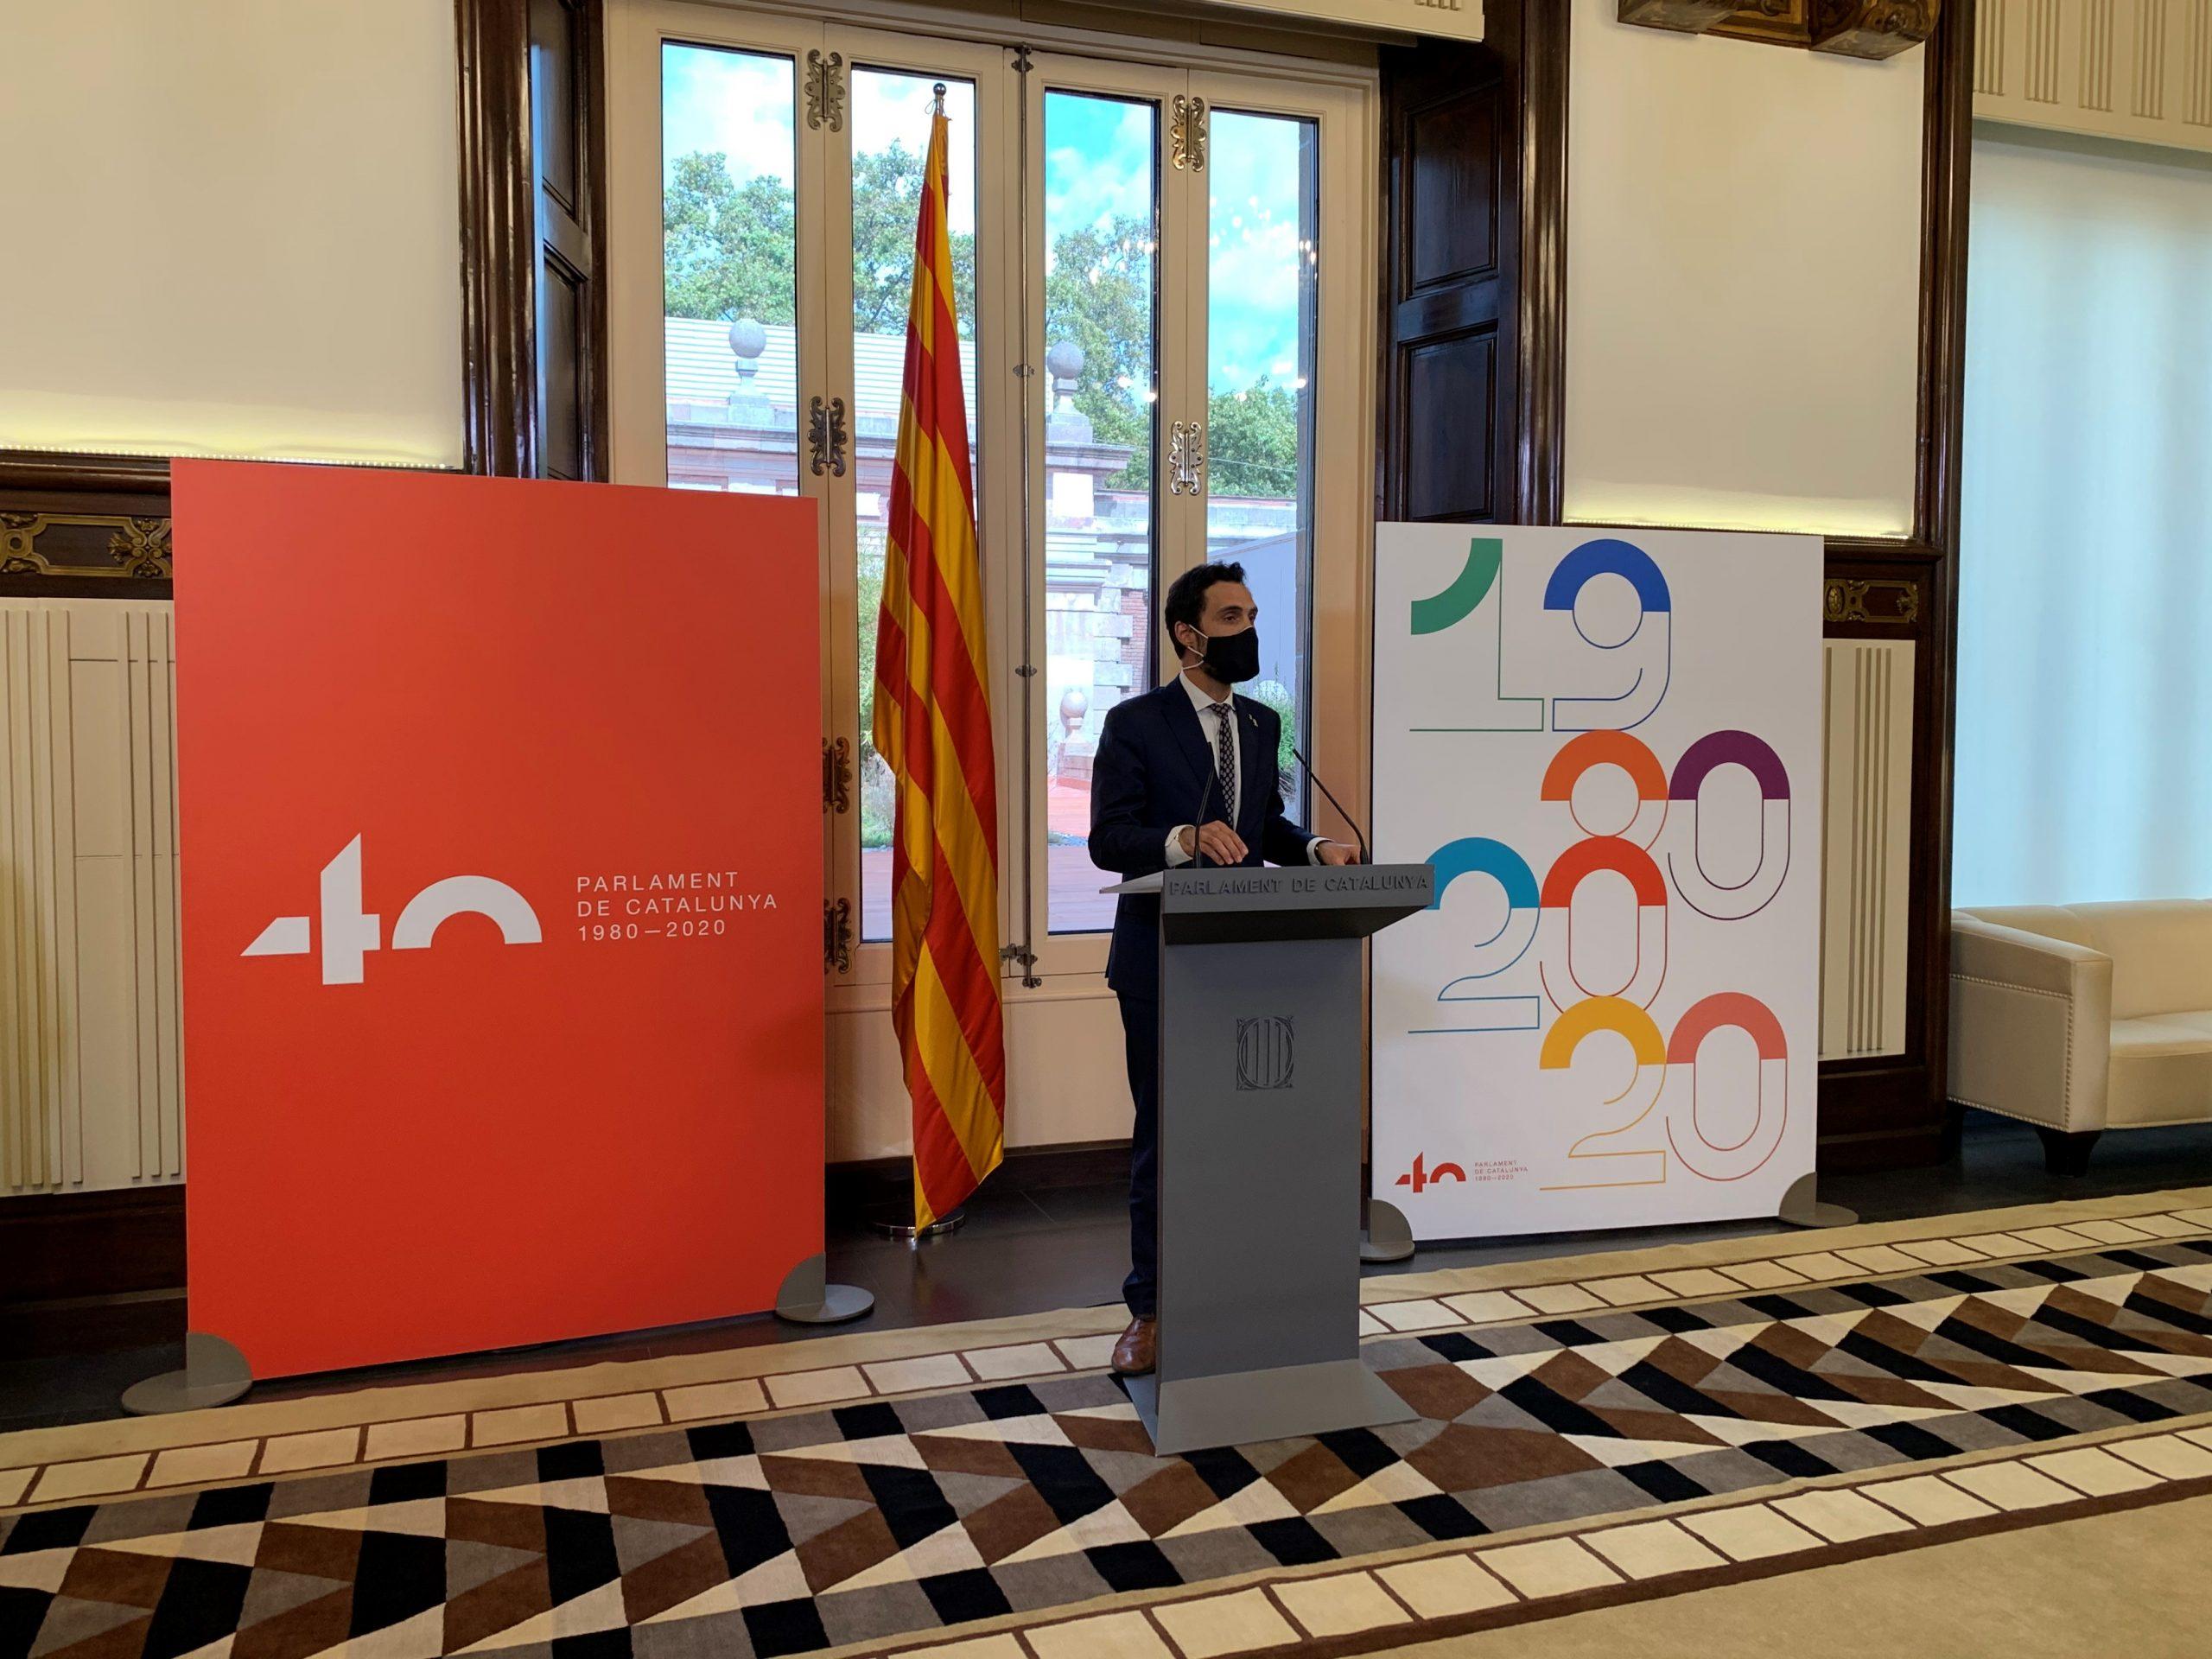 El president Torrent en l'acte de presentació del logotip i el cartell commemoratiu del 40è aniversari del Parlament